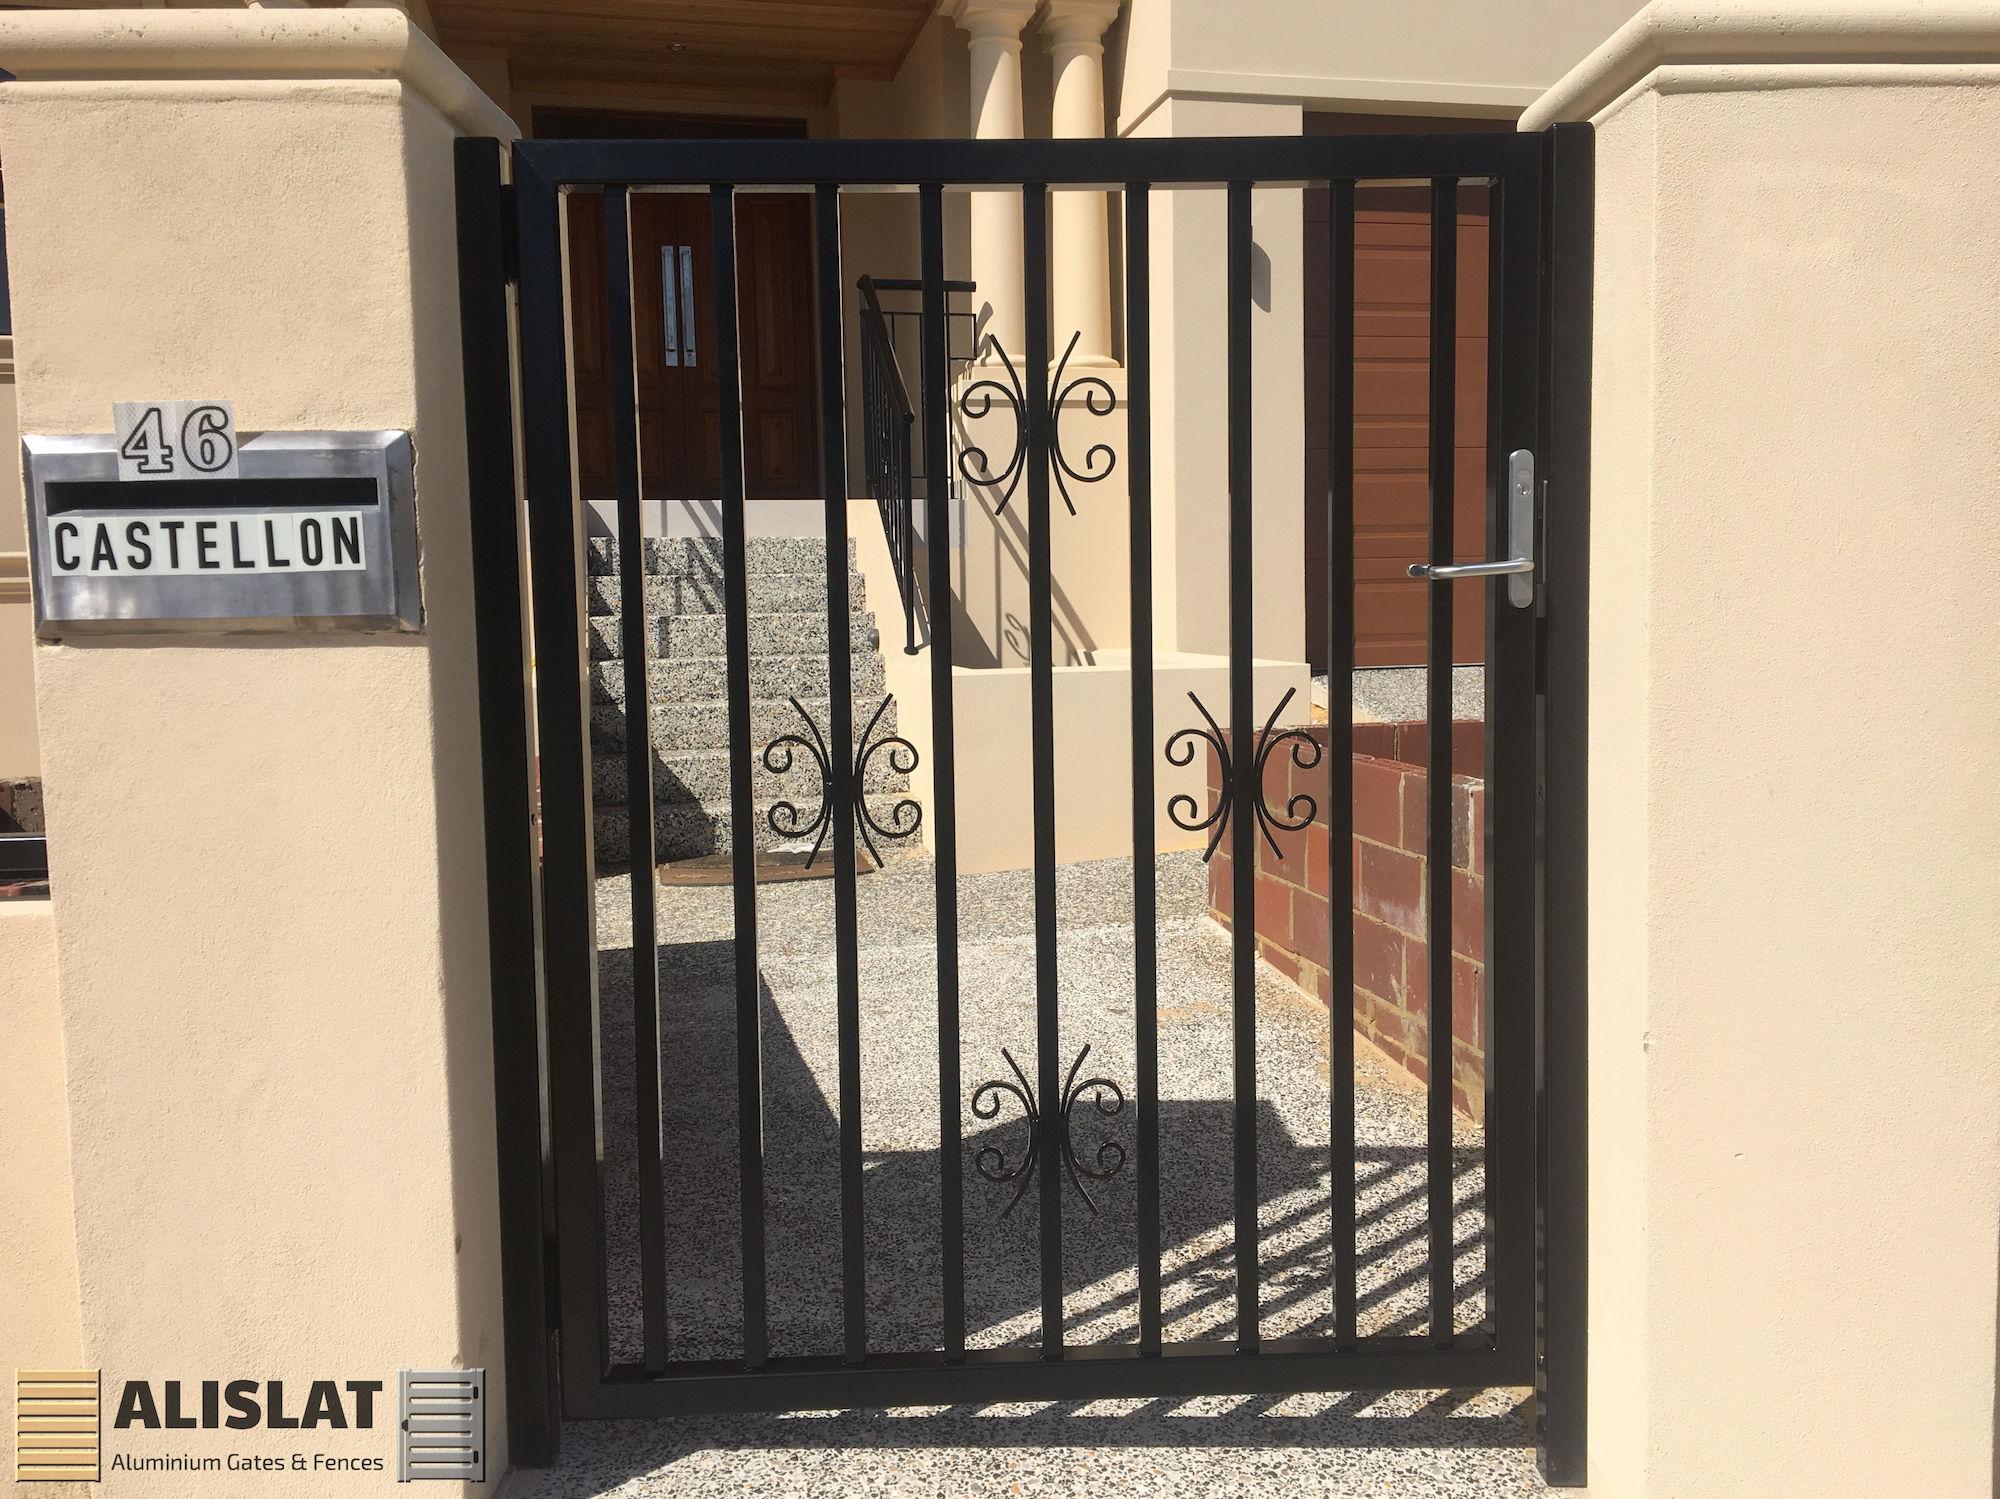 WILLS GATE GEN2